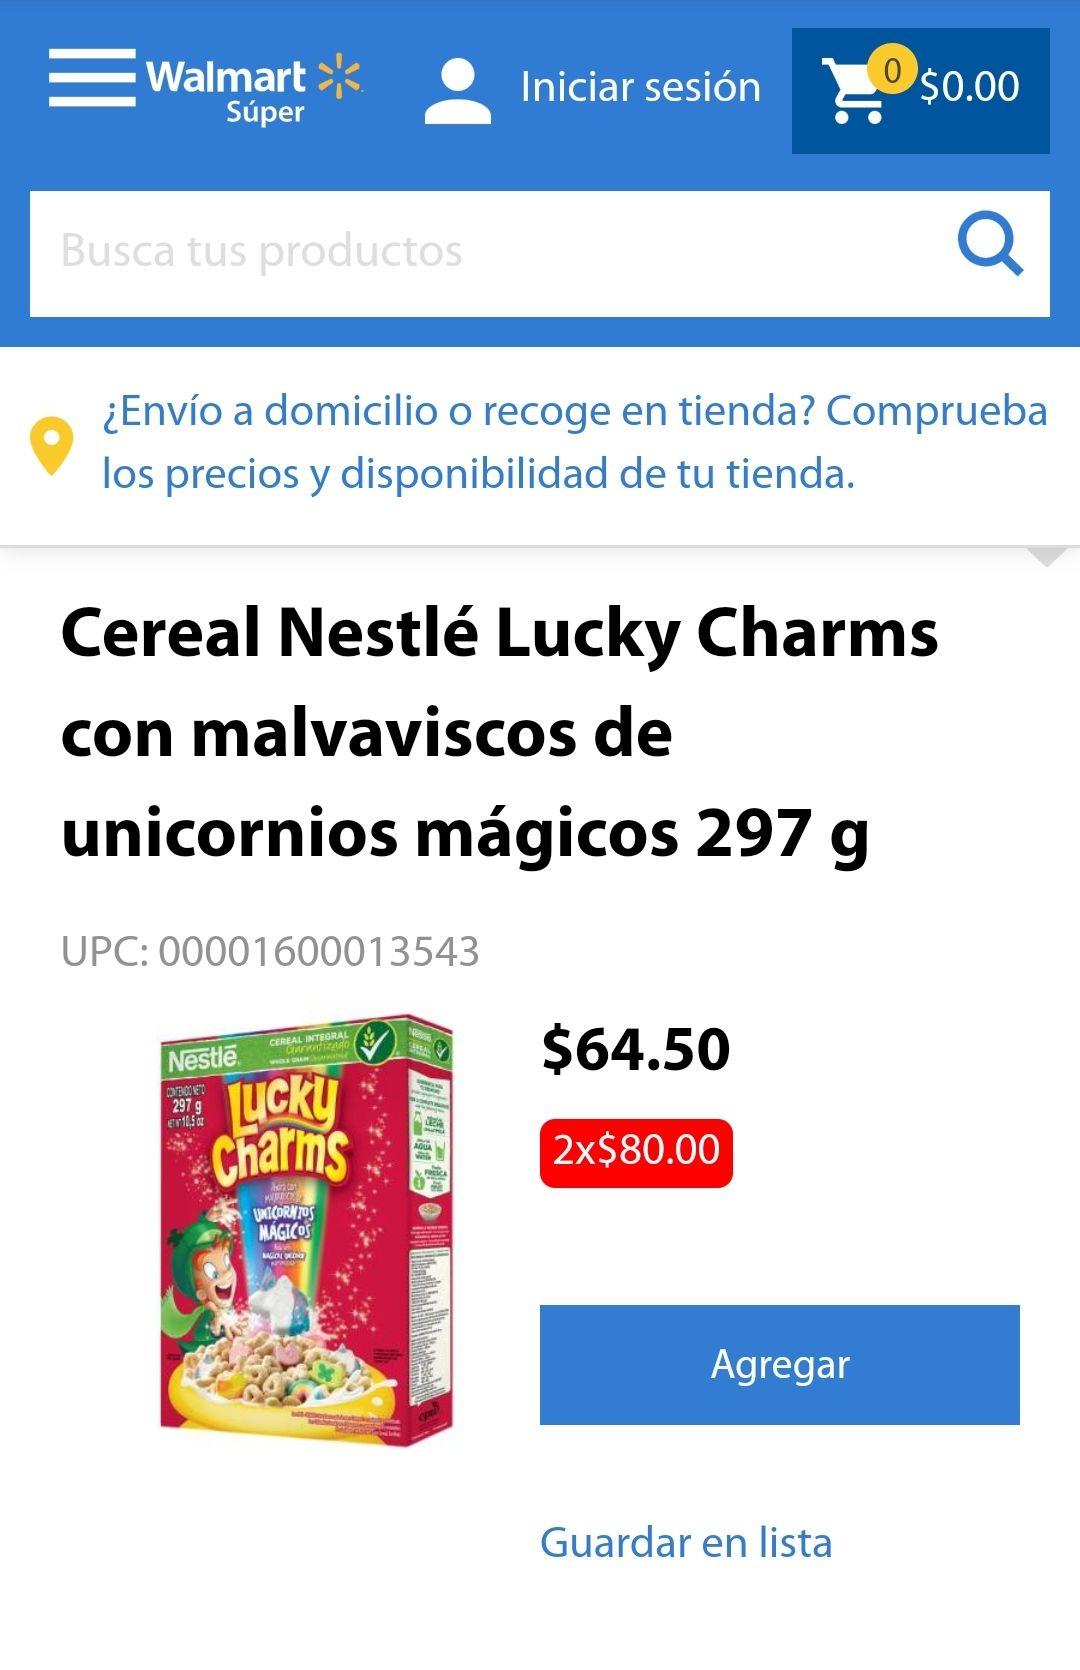 Walmart: Cereal Lucky Charms (2 por $80)